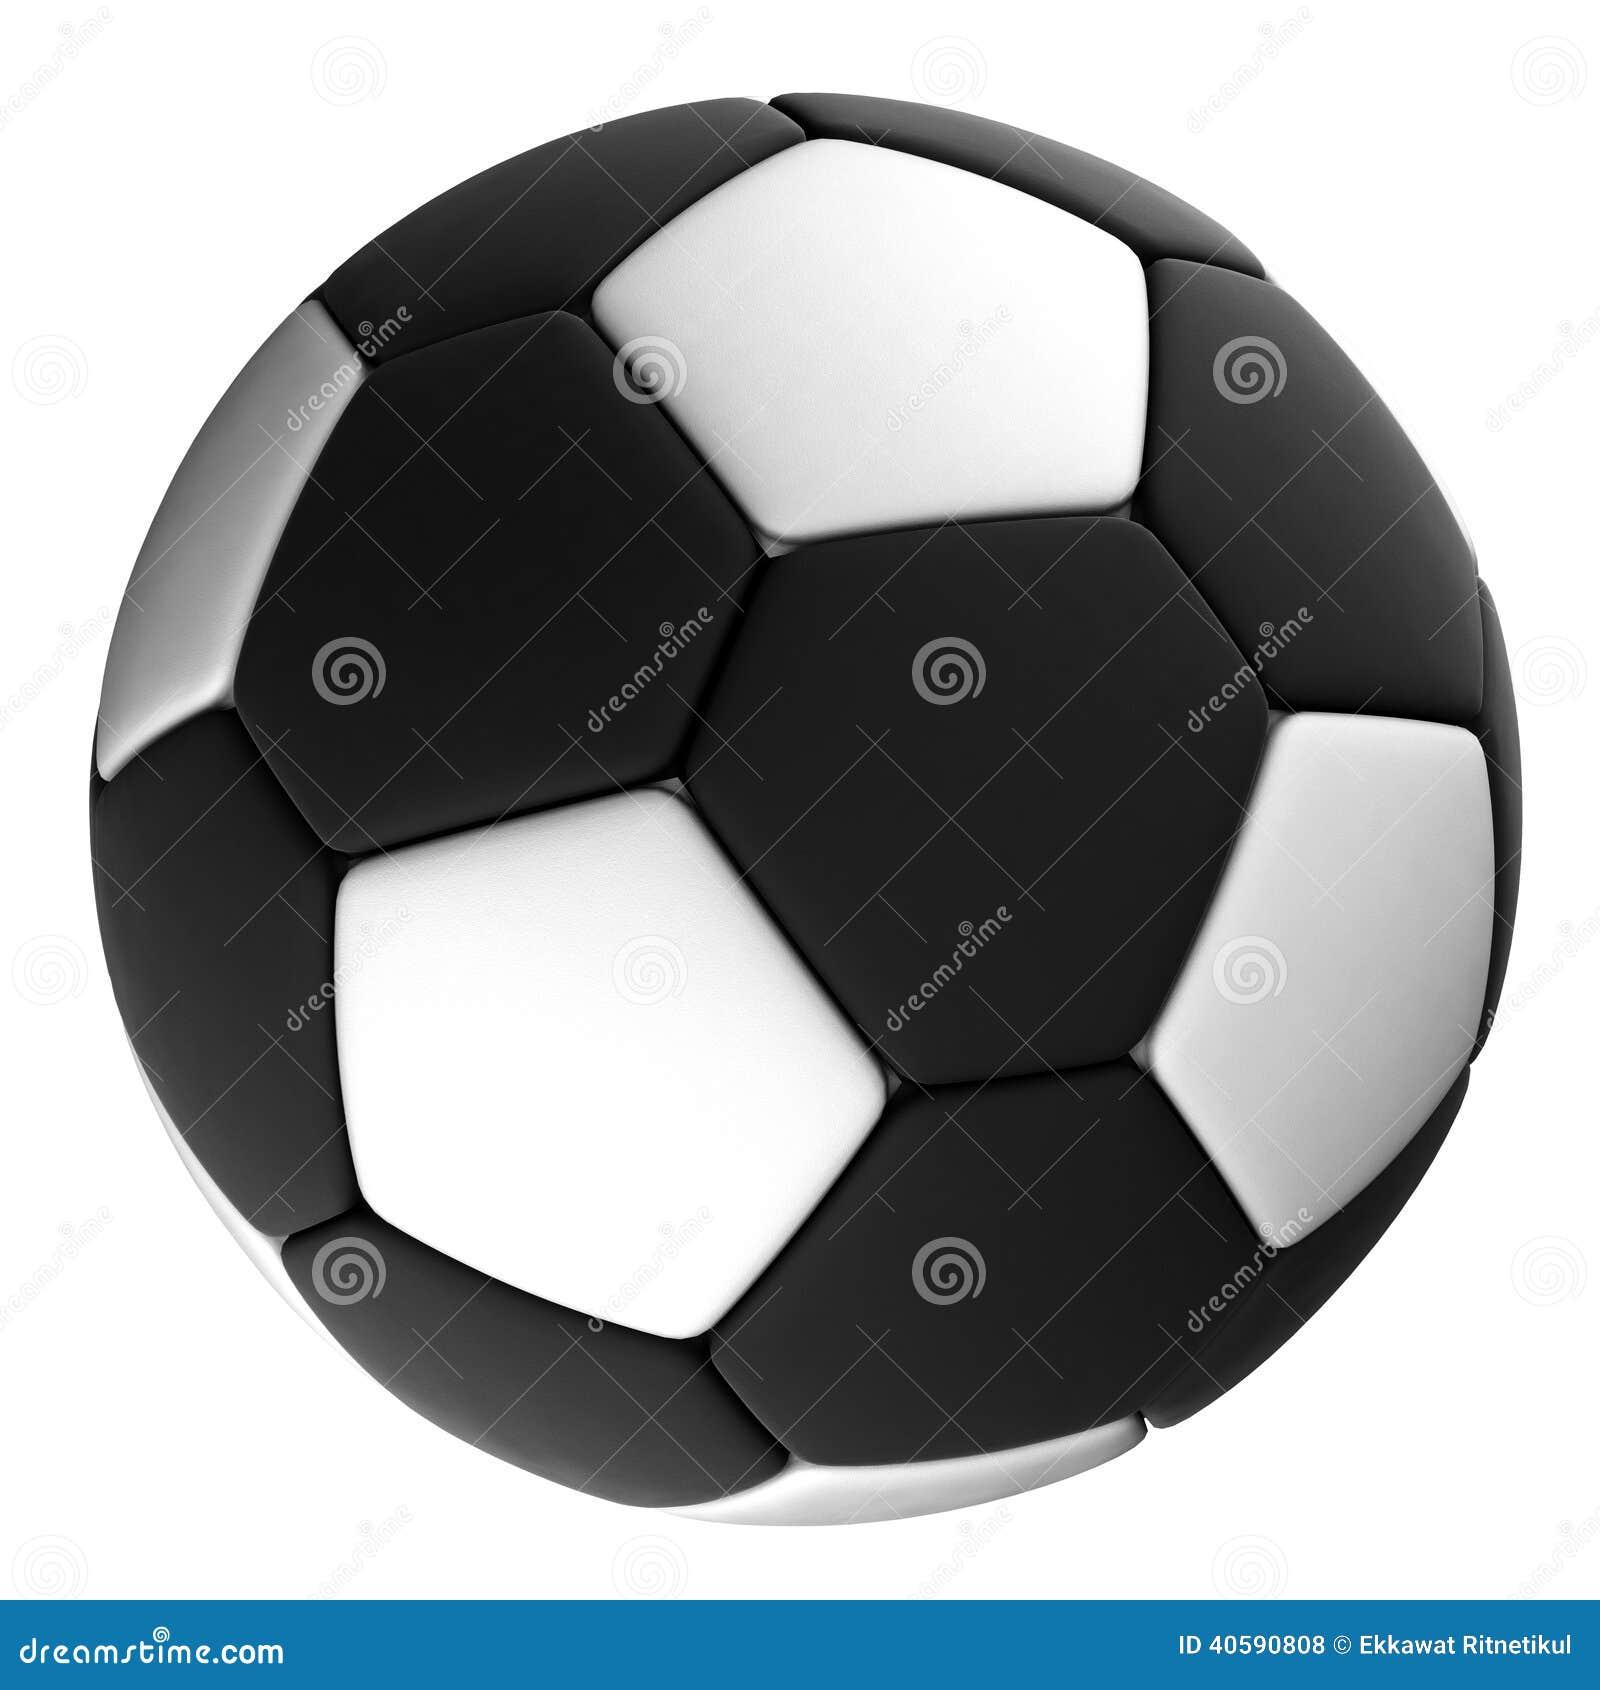 Ballon foot noir et blanc nike air max 93 nike structure nike air trainer 1 - Ballon foot noir et blanc ...